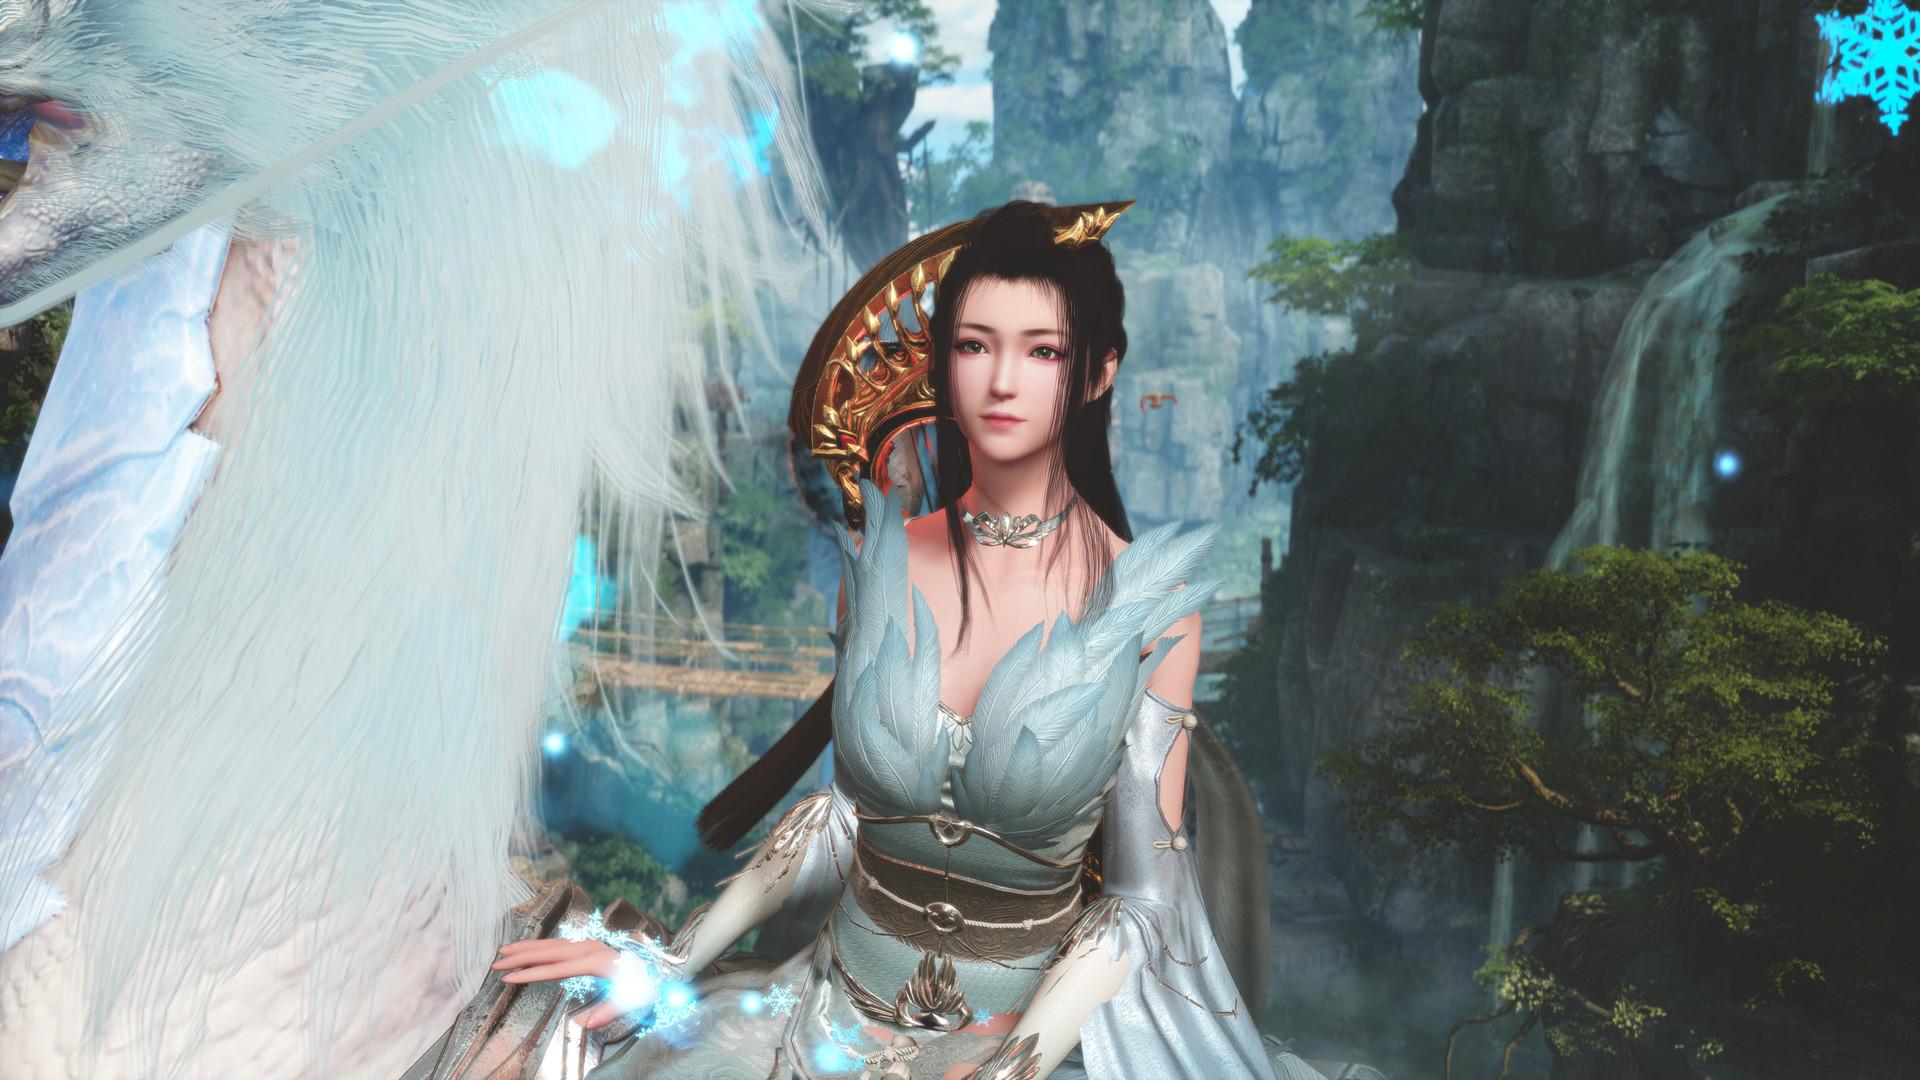 sword-of-legends-online-splash Swords of Legends Online - PC (Steam) Review